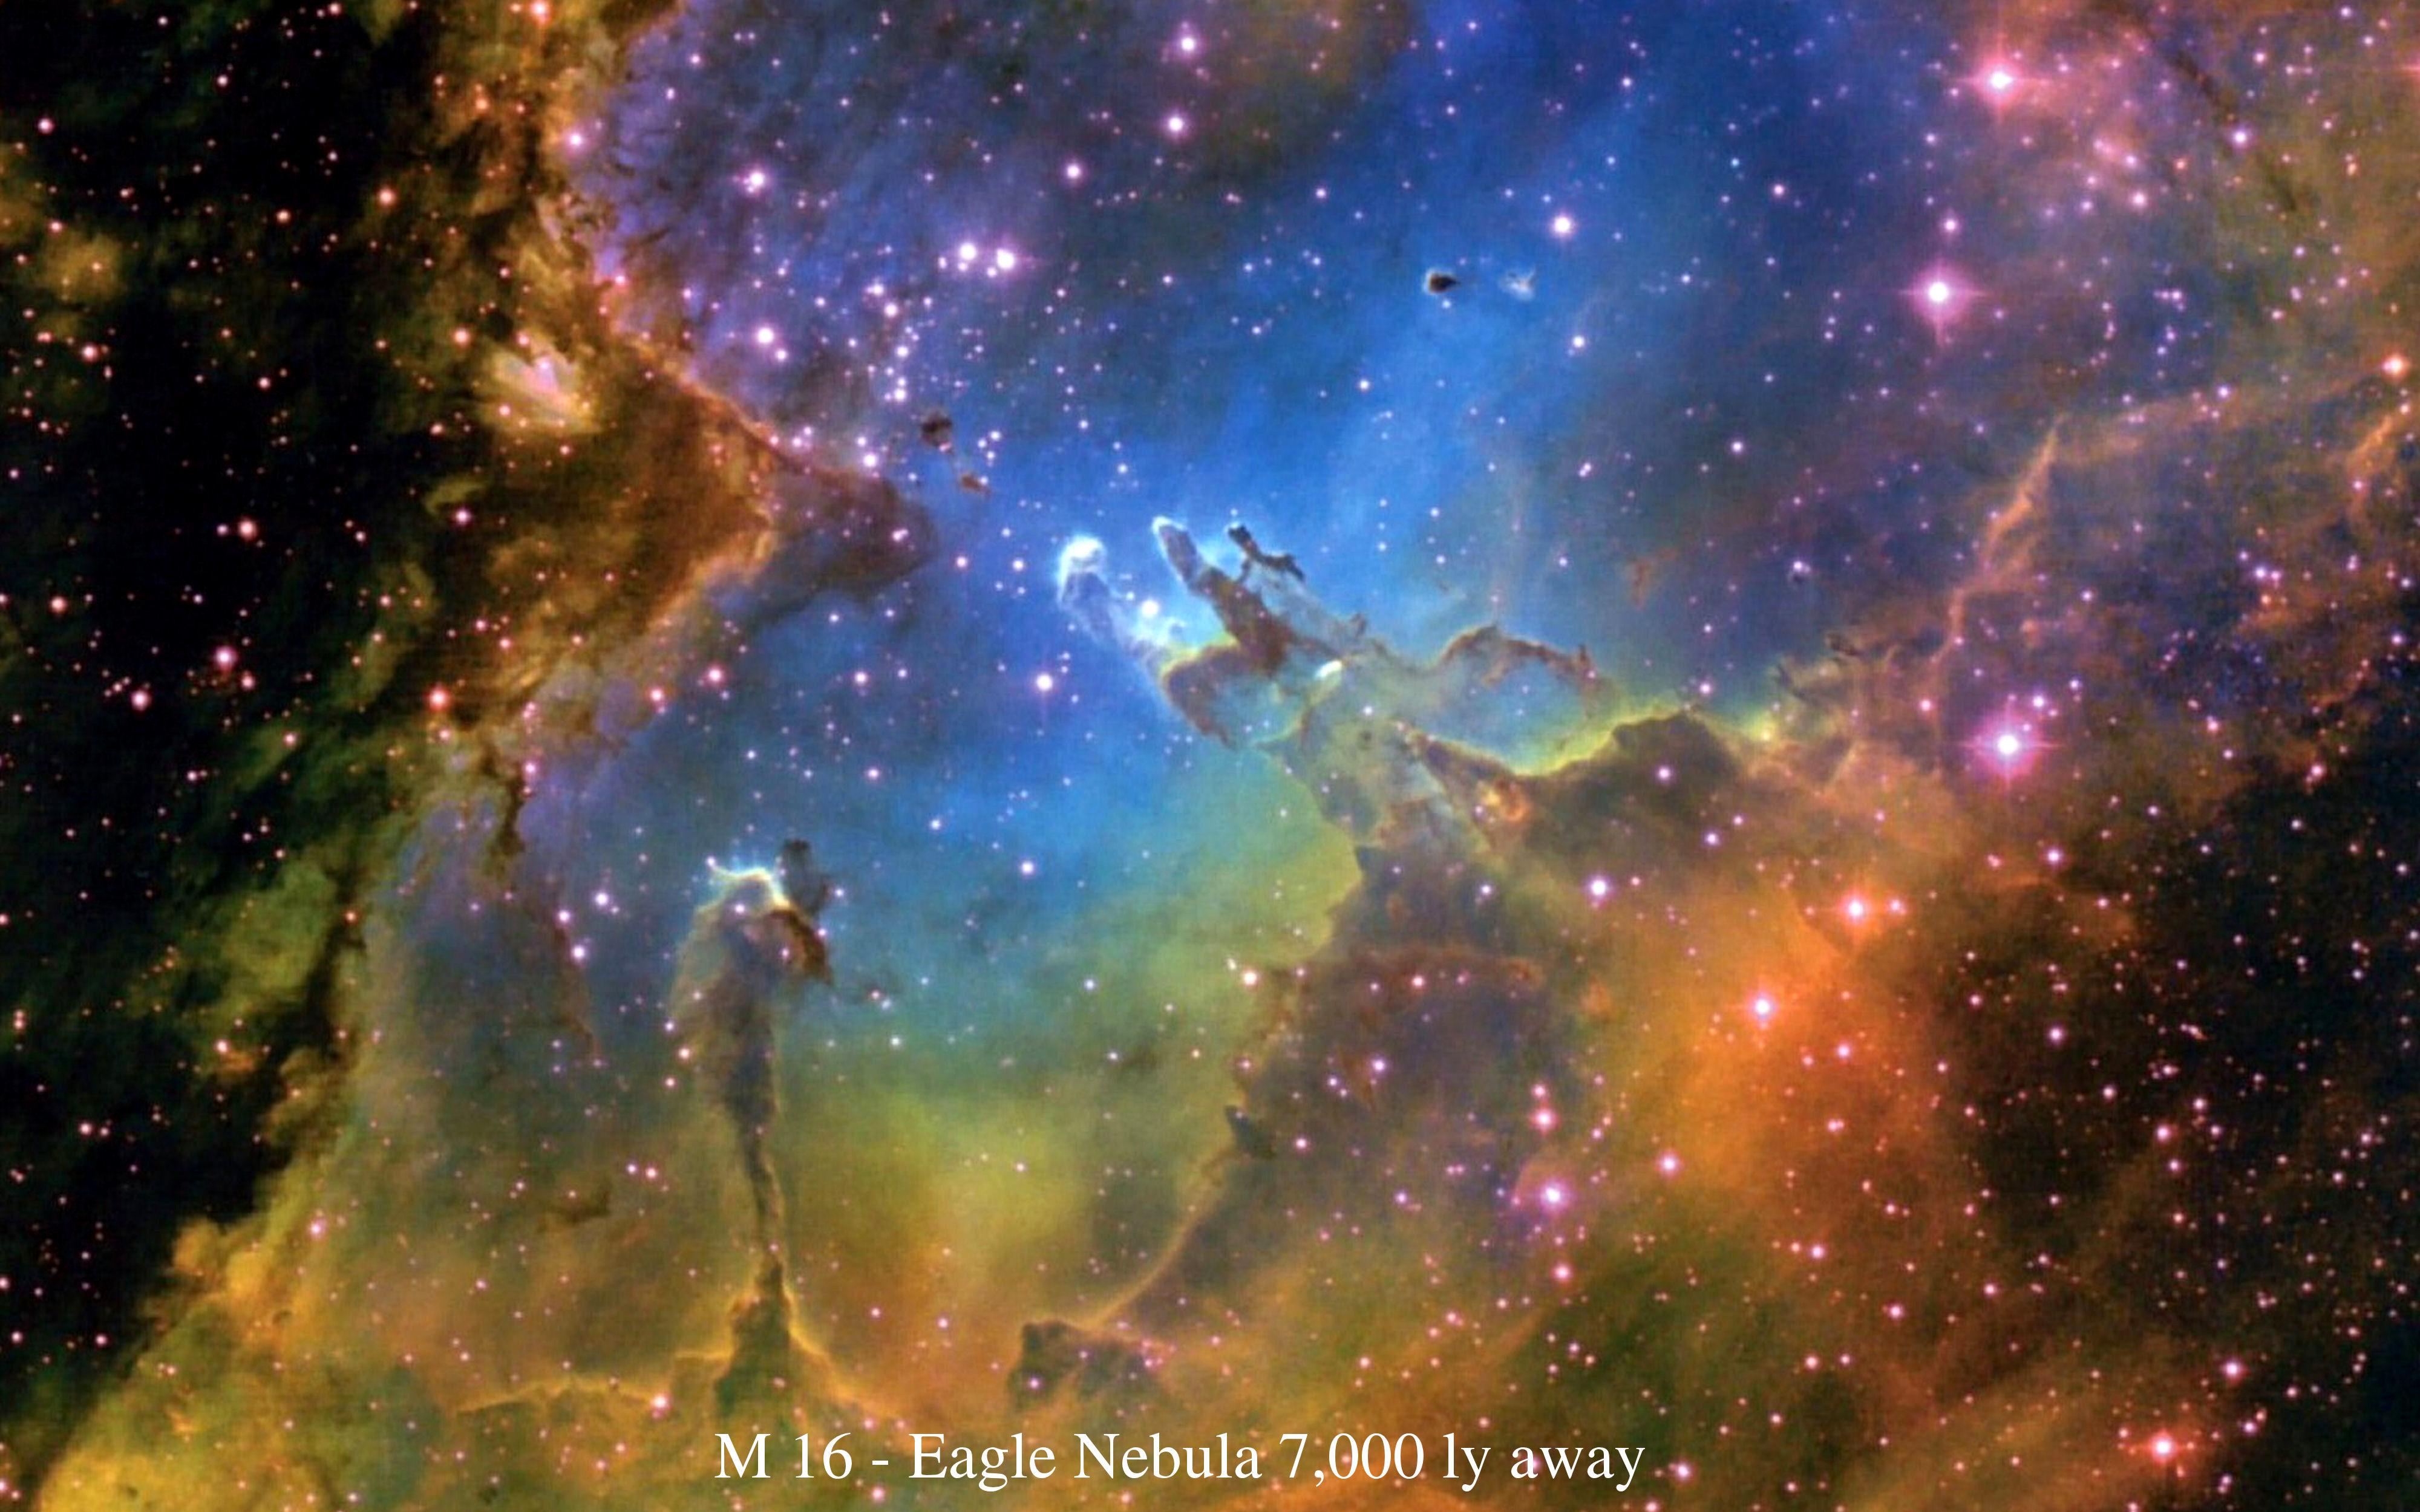 Space Nebula Wallpaper - WallpaperSafari